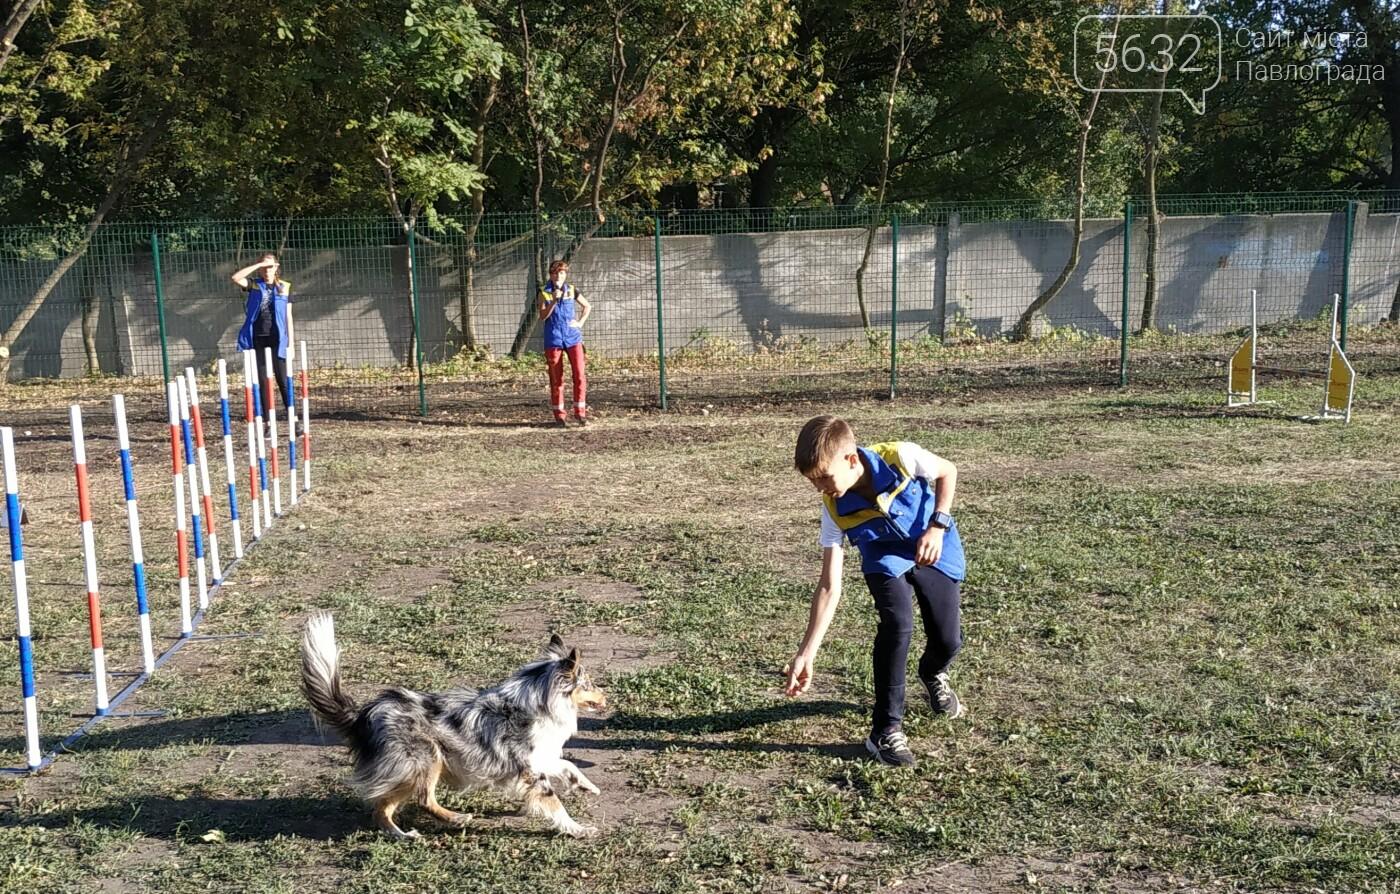 В Павлограде открылась площадка для спорта с собаками, фото-9